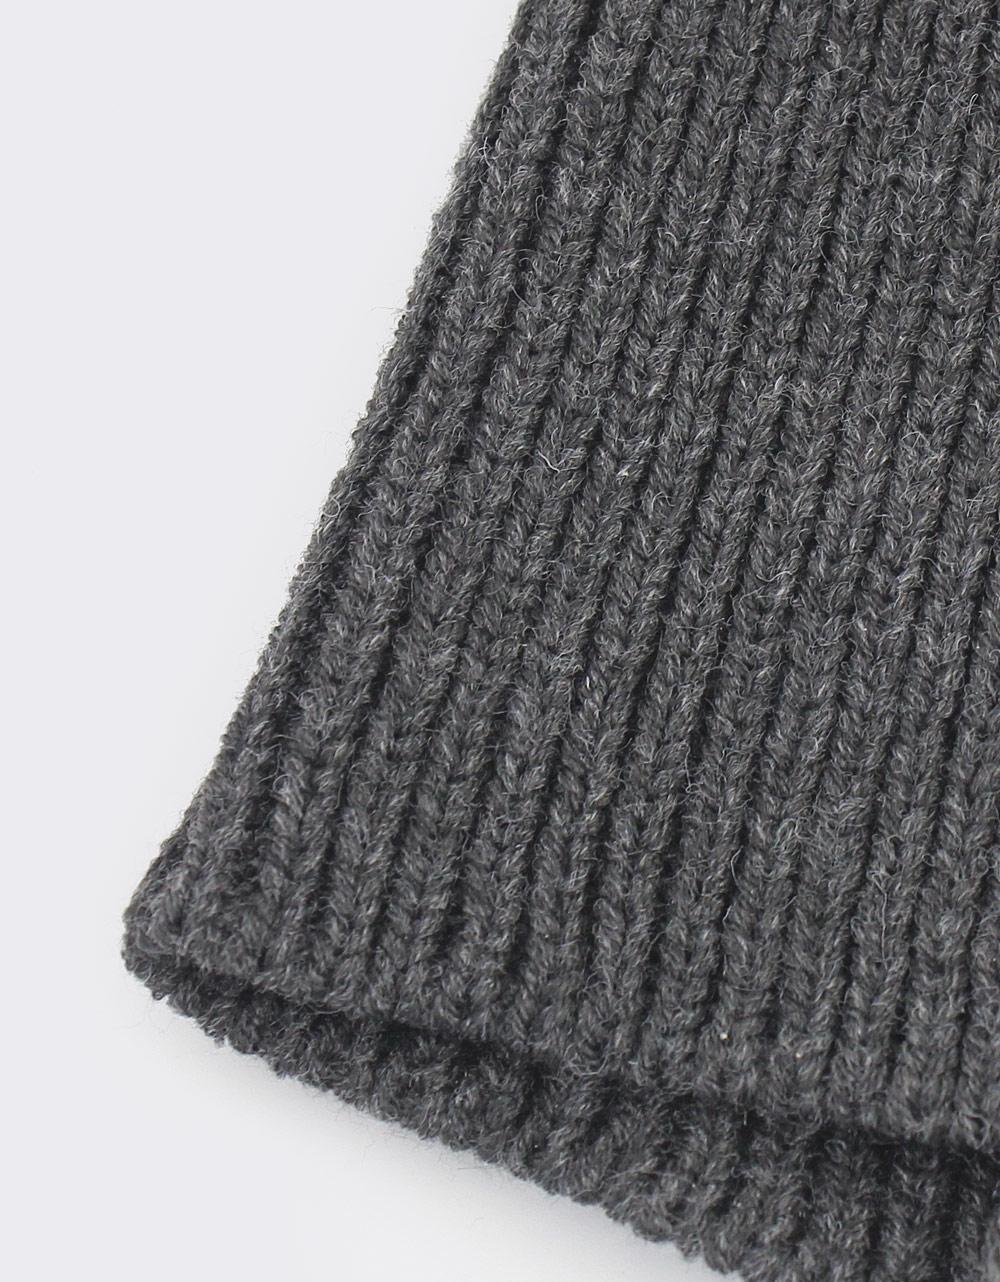 Εικόνα από Γυναικείοι σκούφοι με πολύχρωμα φουντάκια Γκρι/Μαύρο